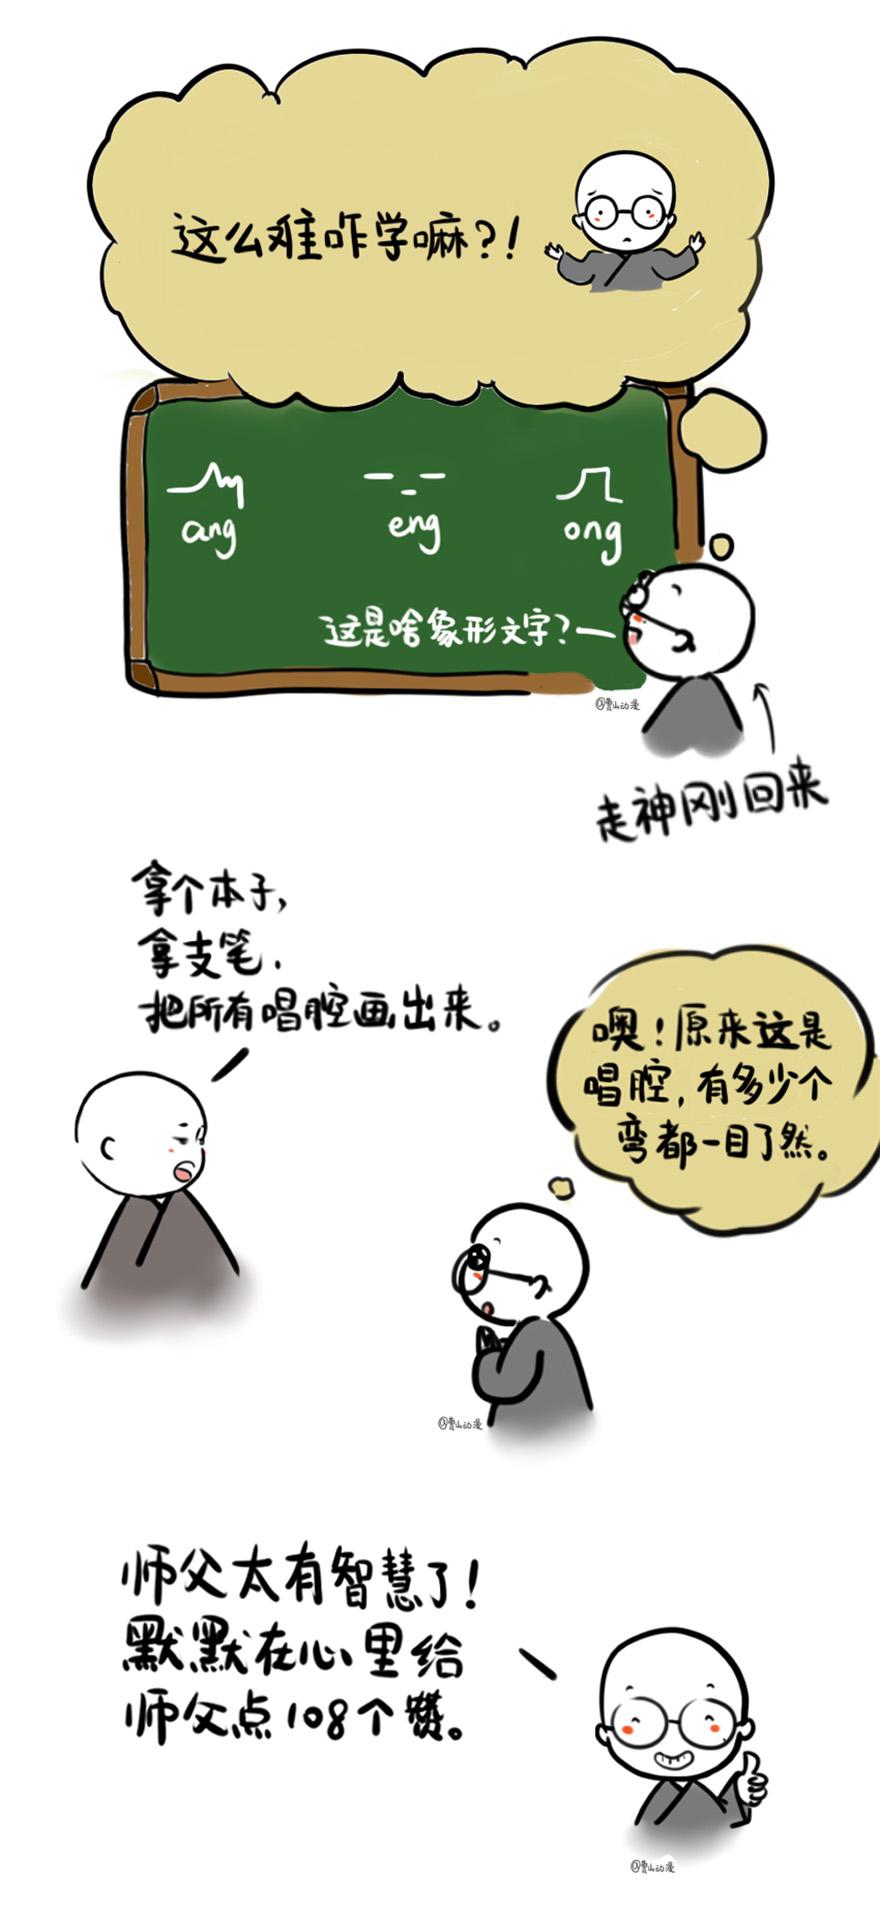 曹山动漫丨小迷糊学操心